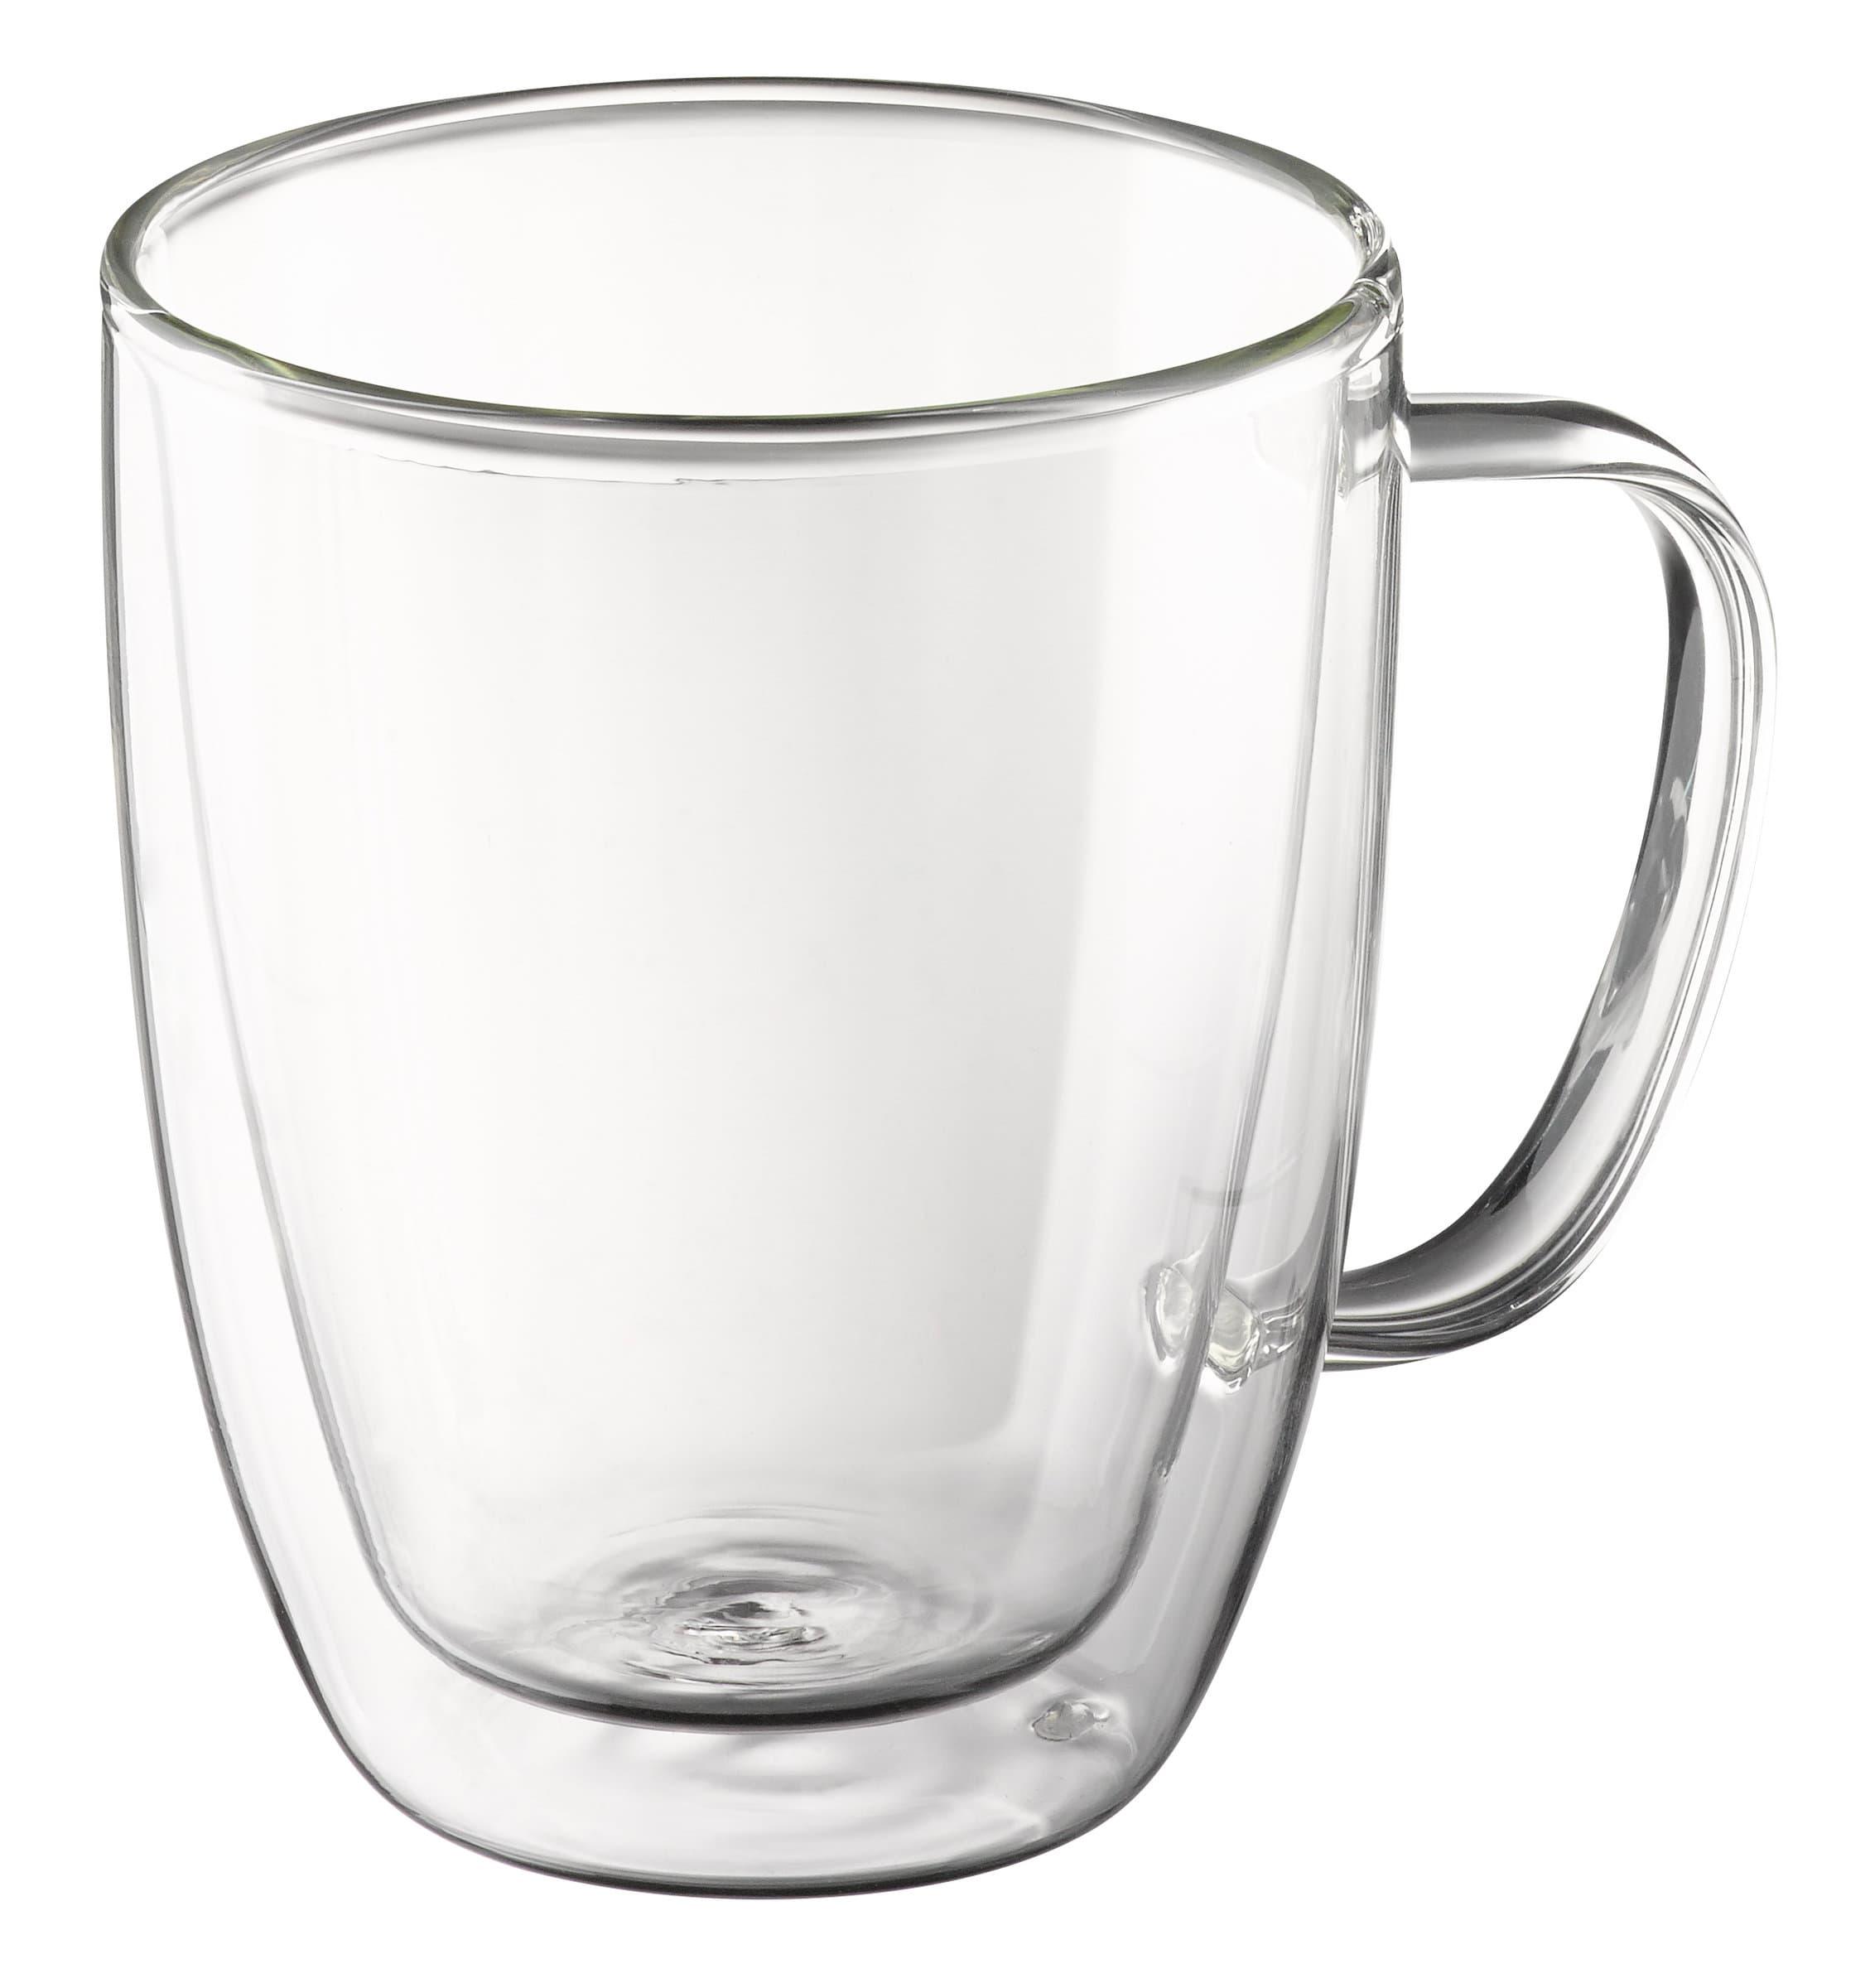 Cucina & Tavola Bicchiere tè doppia parete 400ml